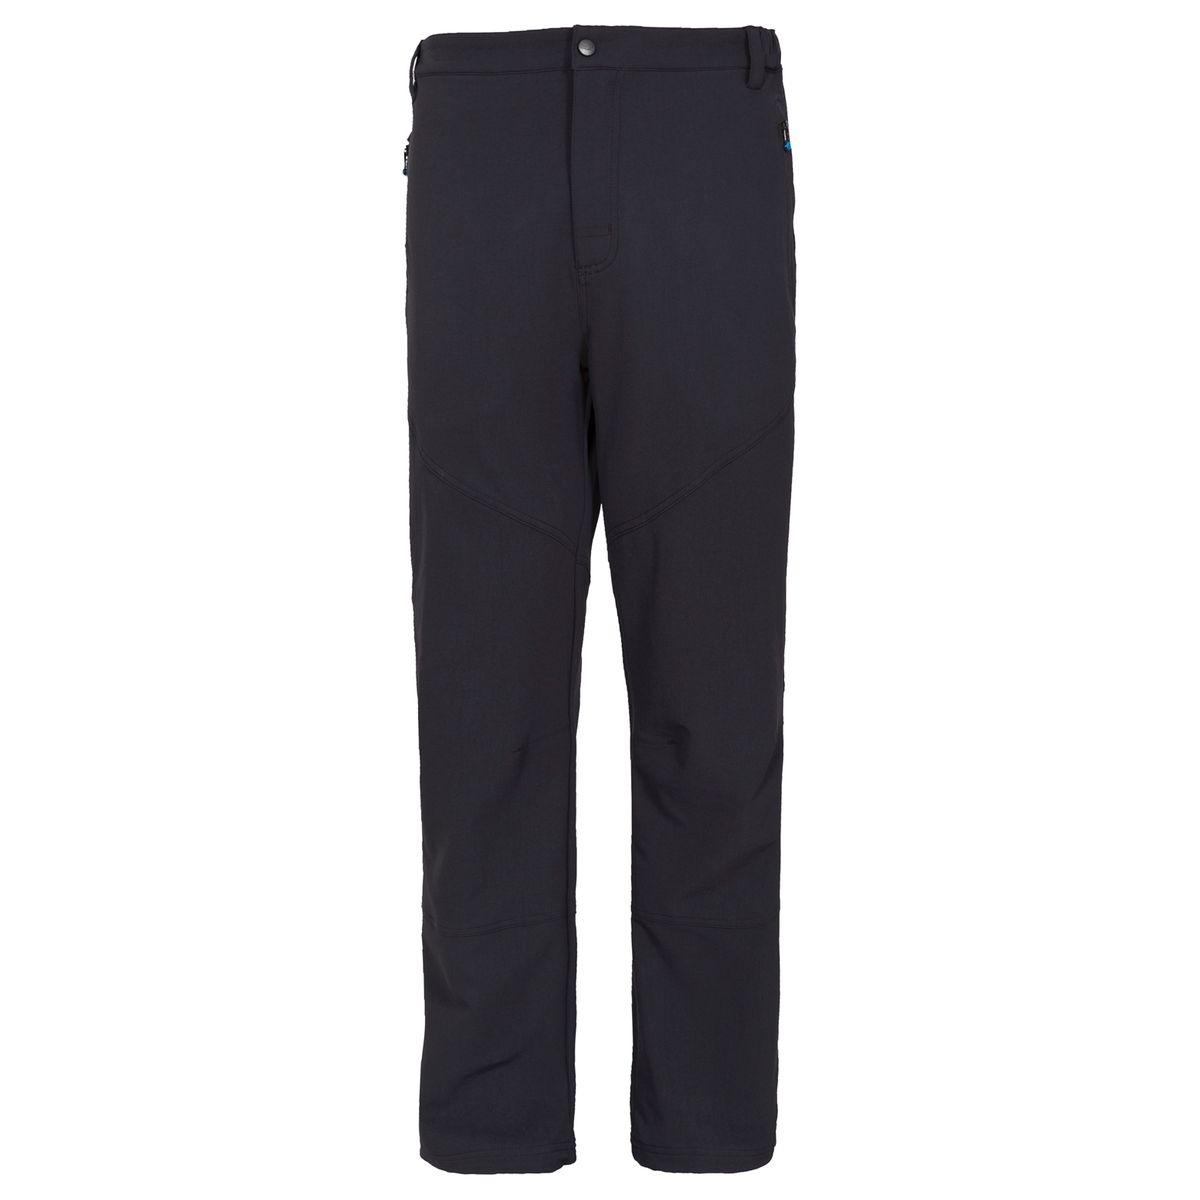 Canyon pantalon randonnée technique DLX homme